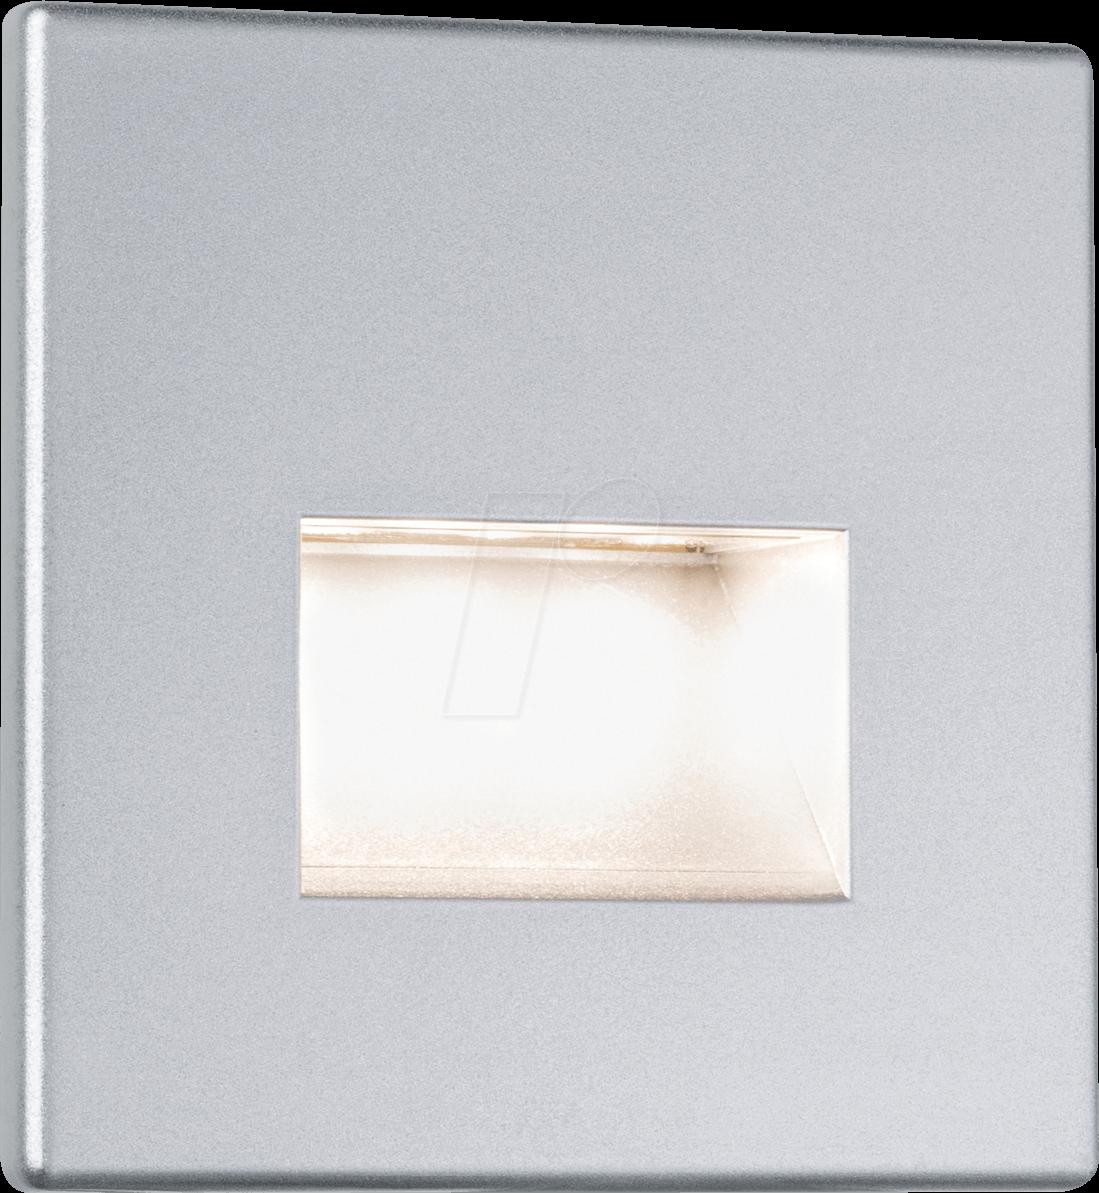 PLM 99495 - Einbauleuchte, 1,1 W, 116 lm, 2700 K, chrom